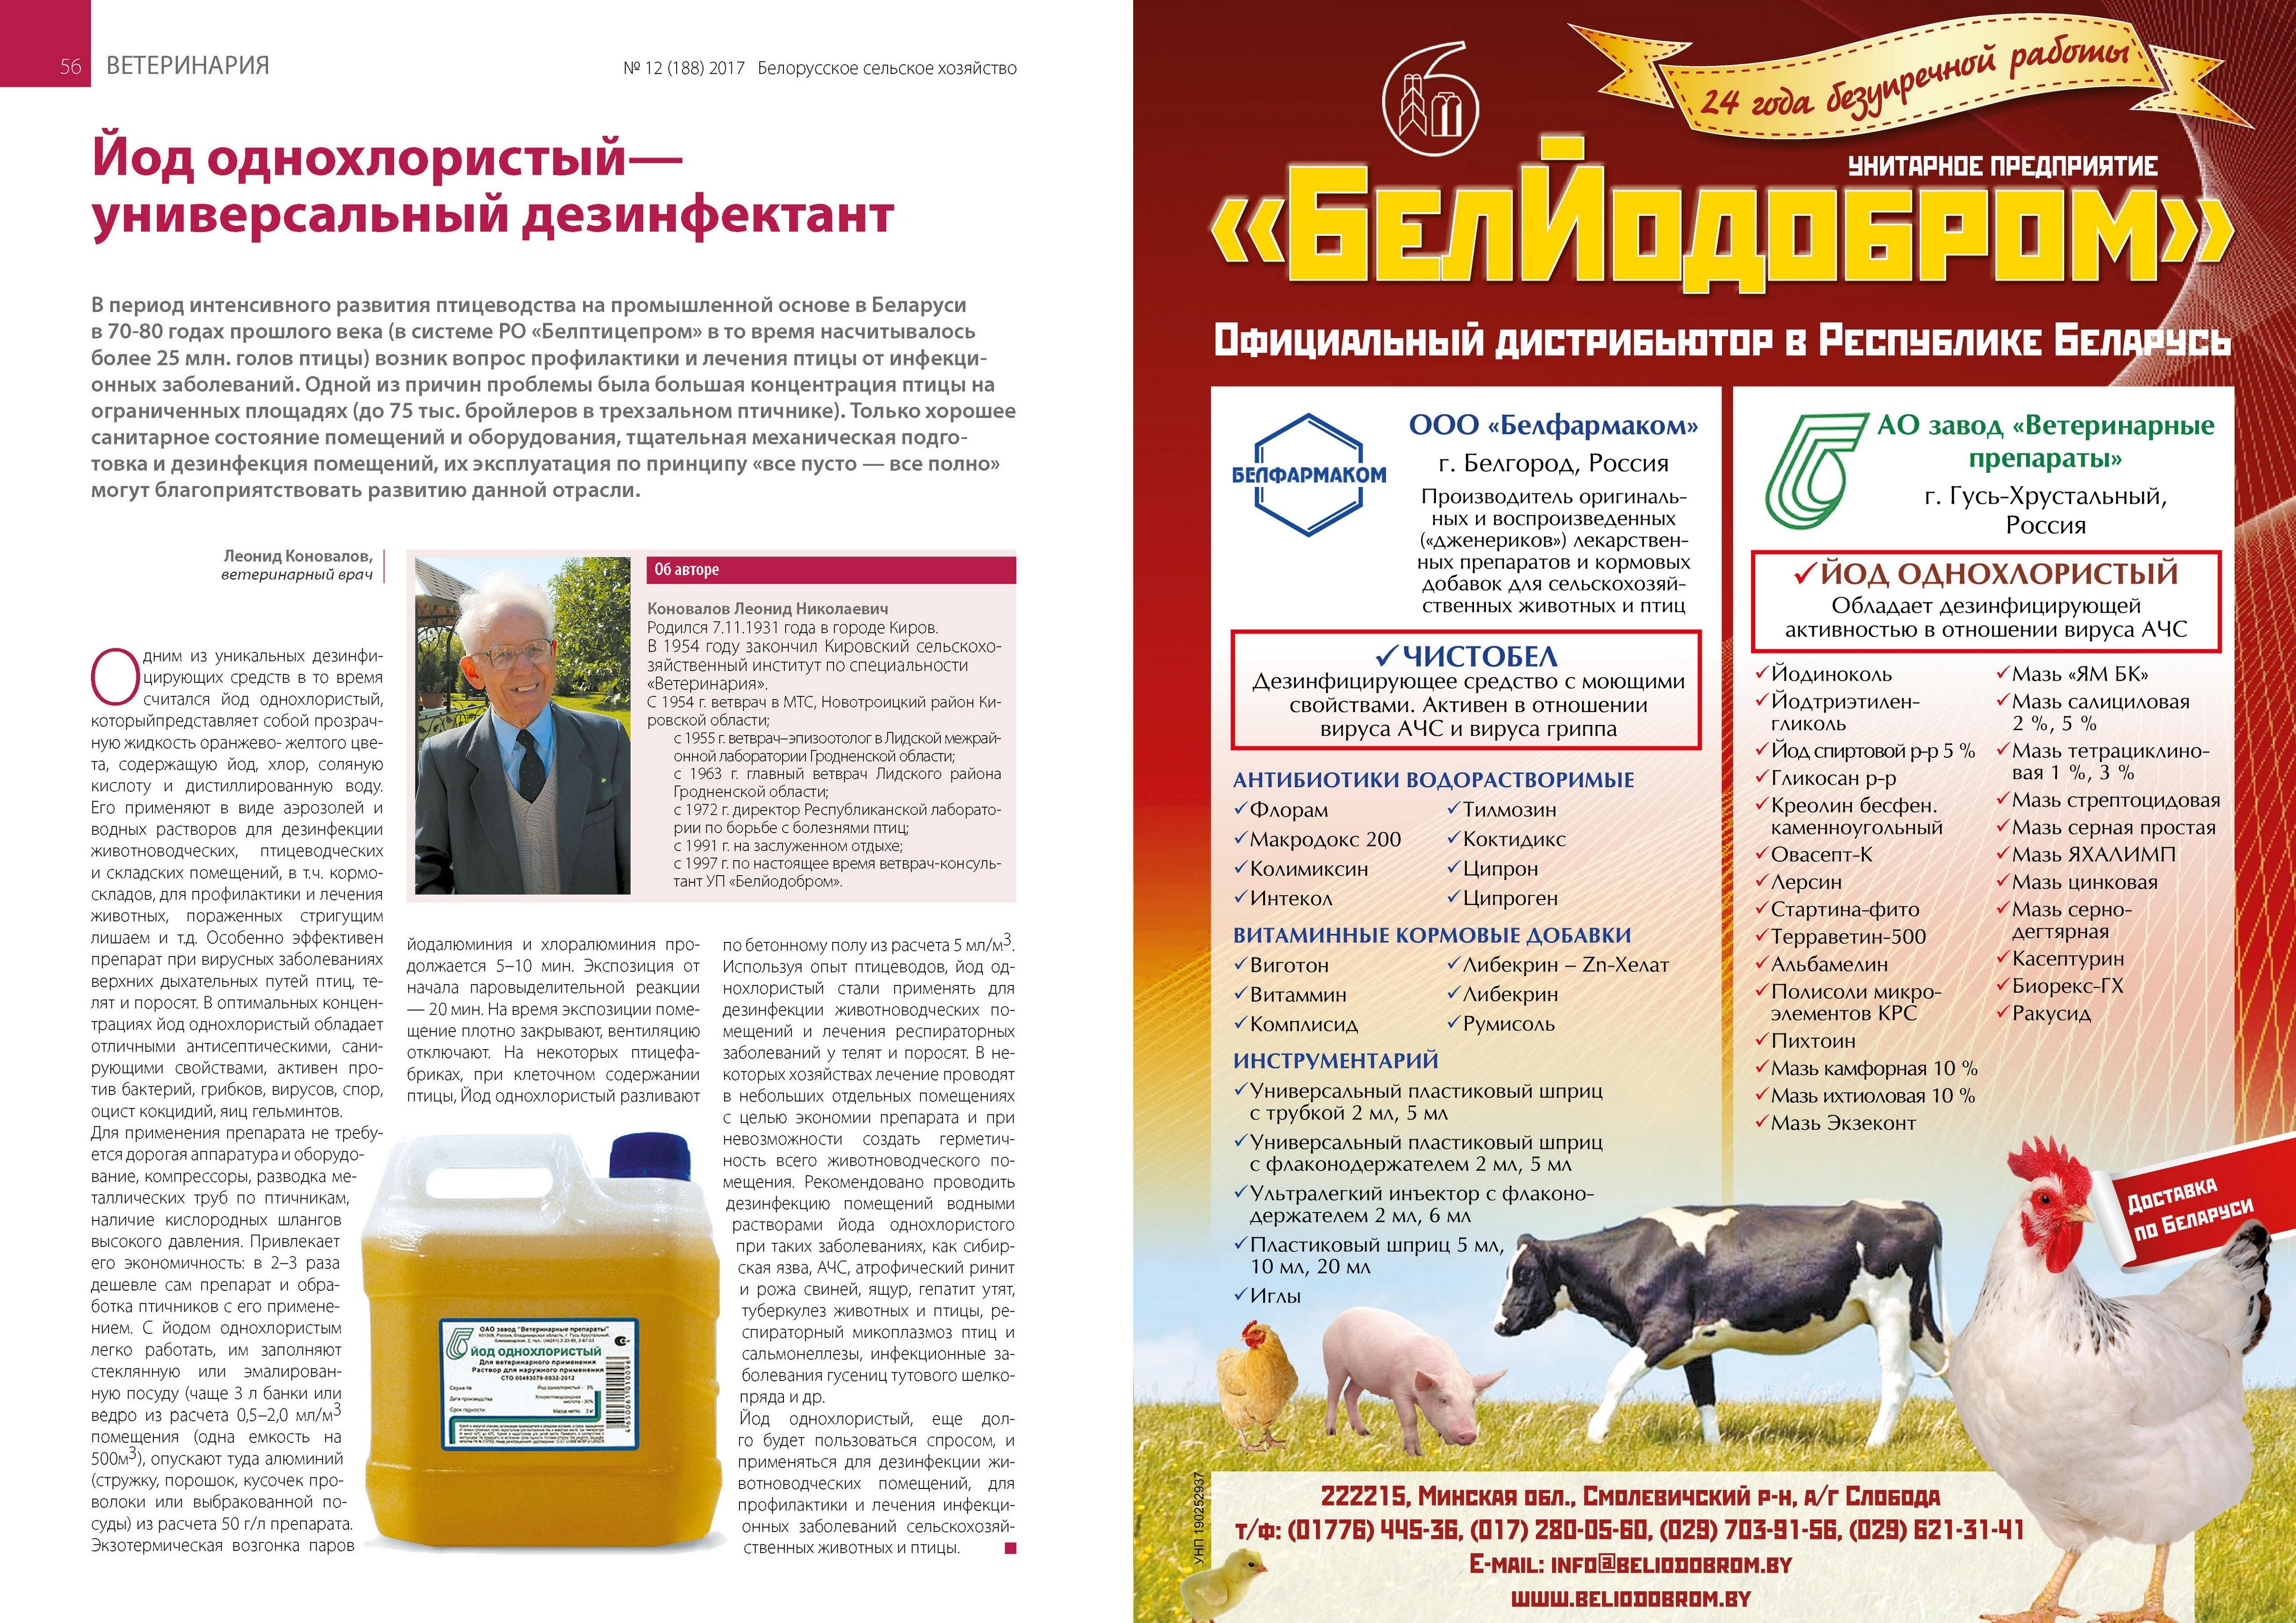 Ципроген: инструкция по применению в ветеринарии для птицы и животных